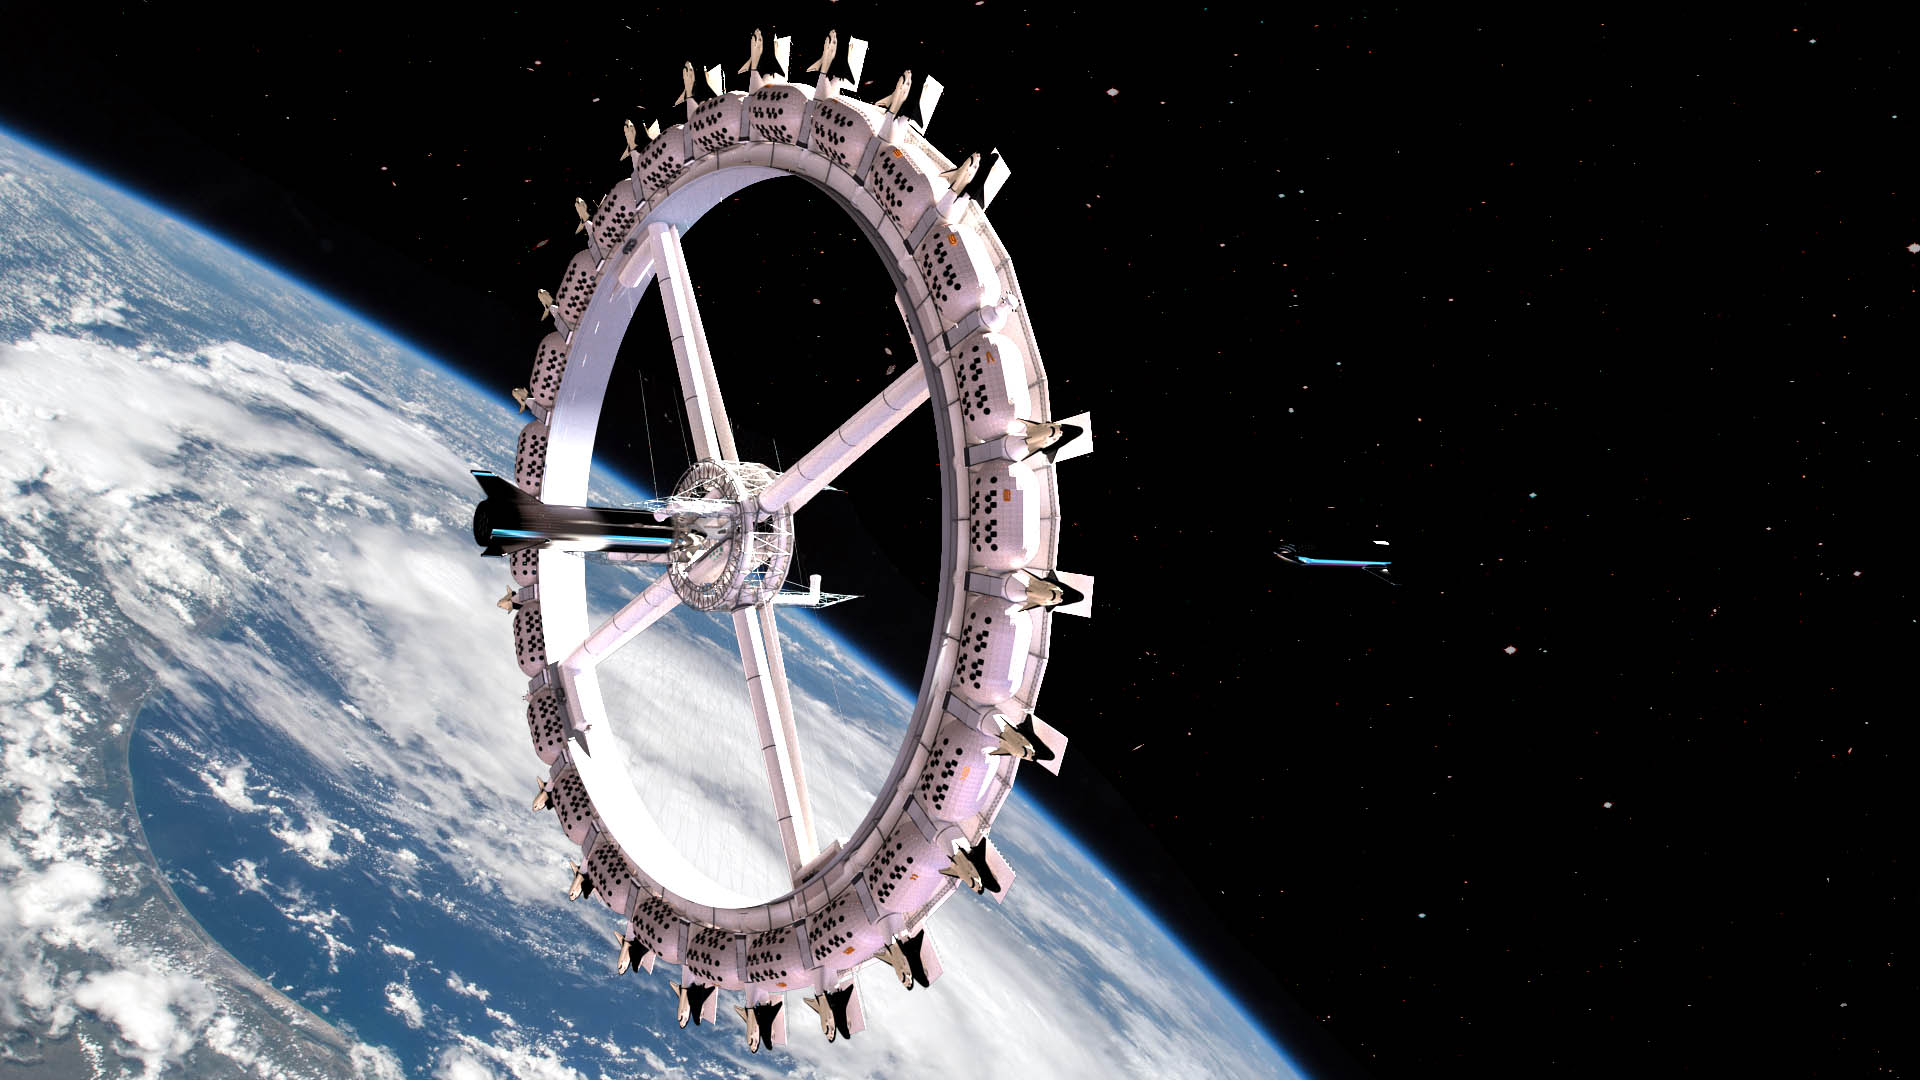 Визуализация орбитальной станции Voyager. Источник: Orbital Assembly Corporation